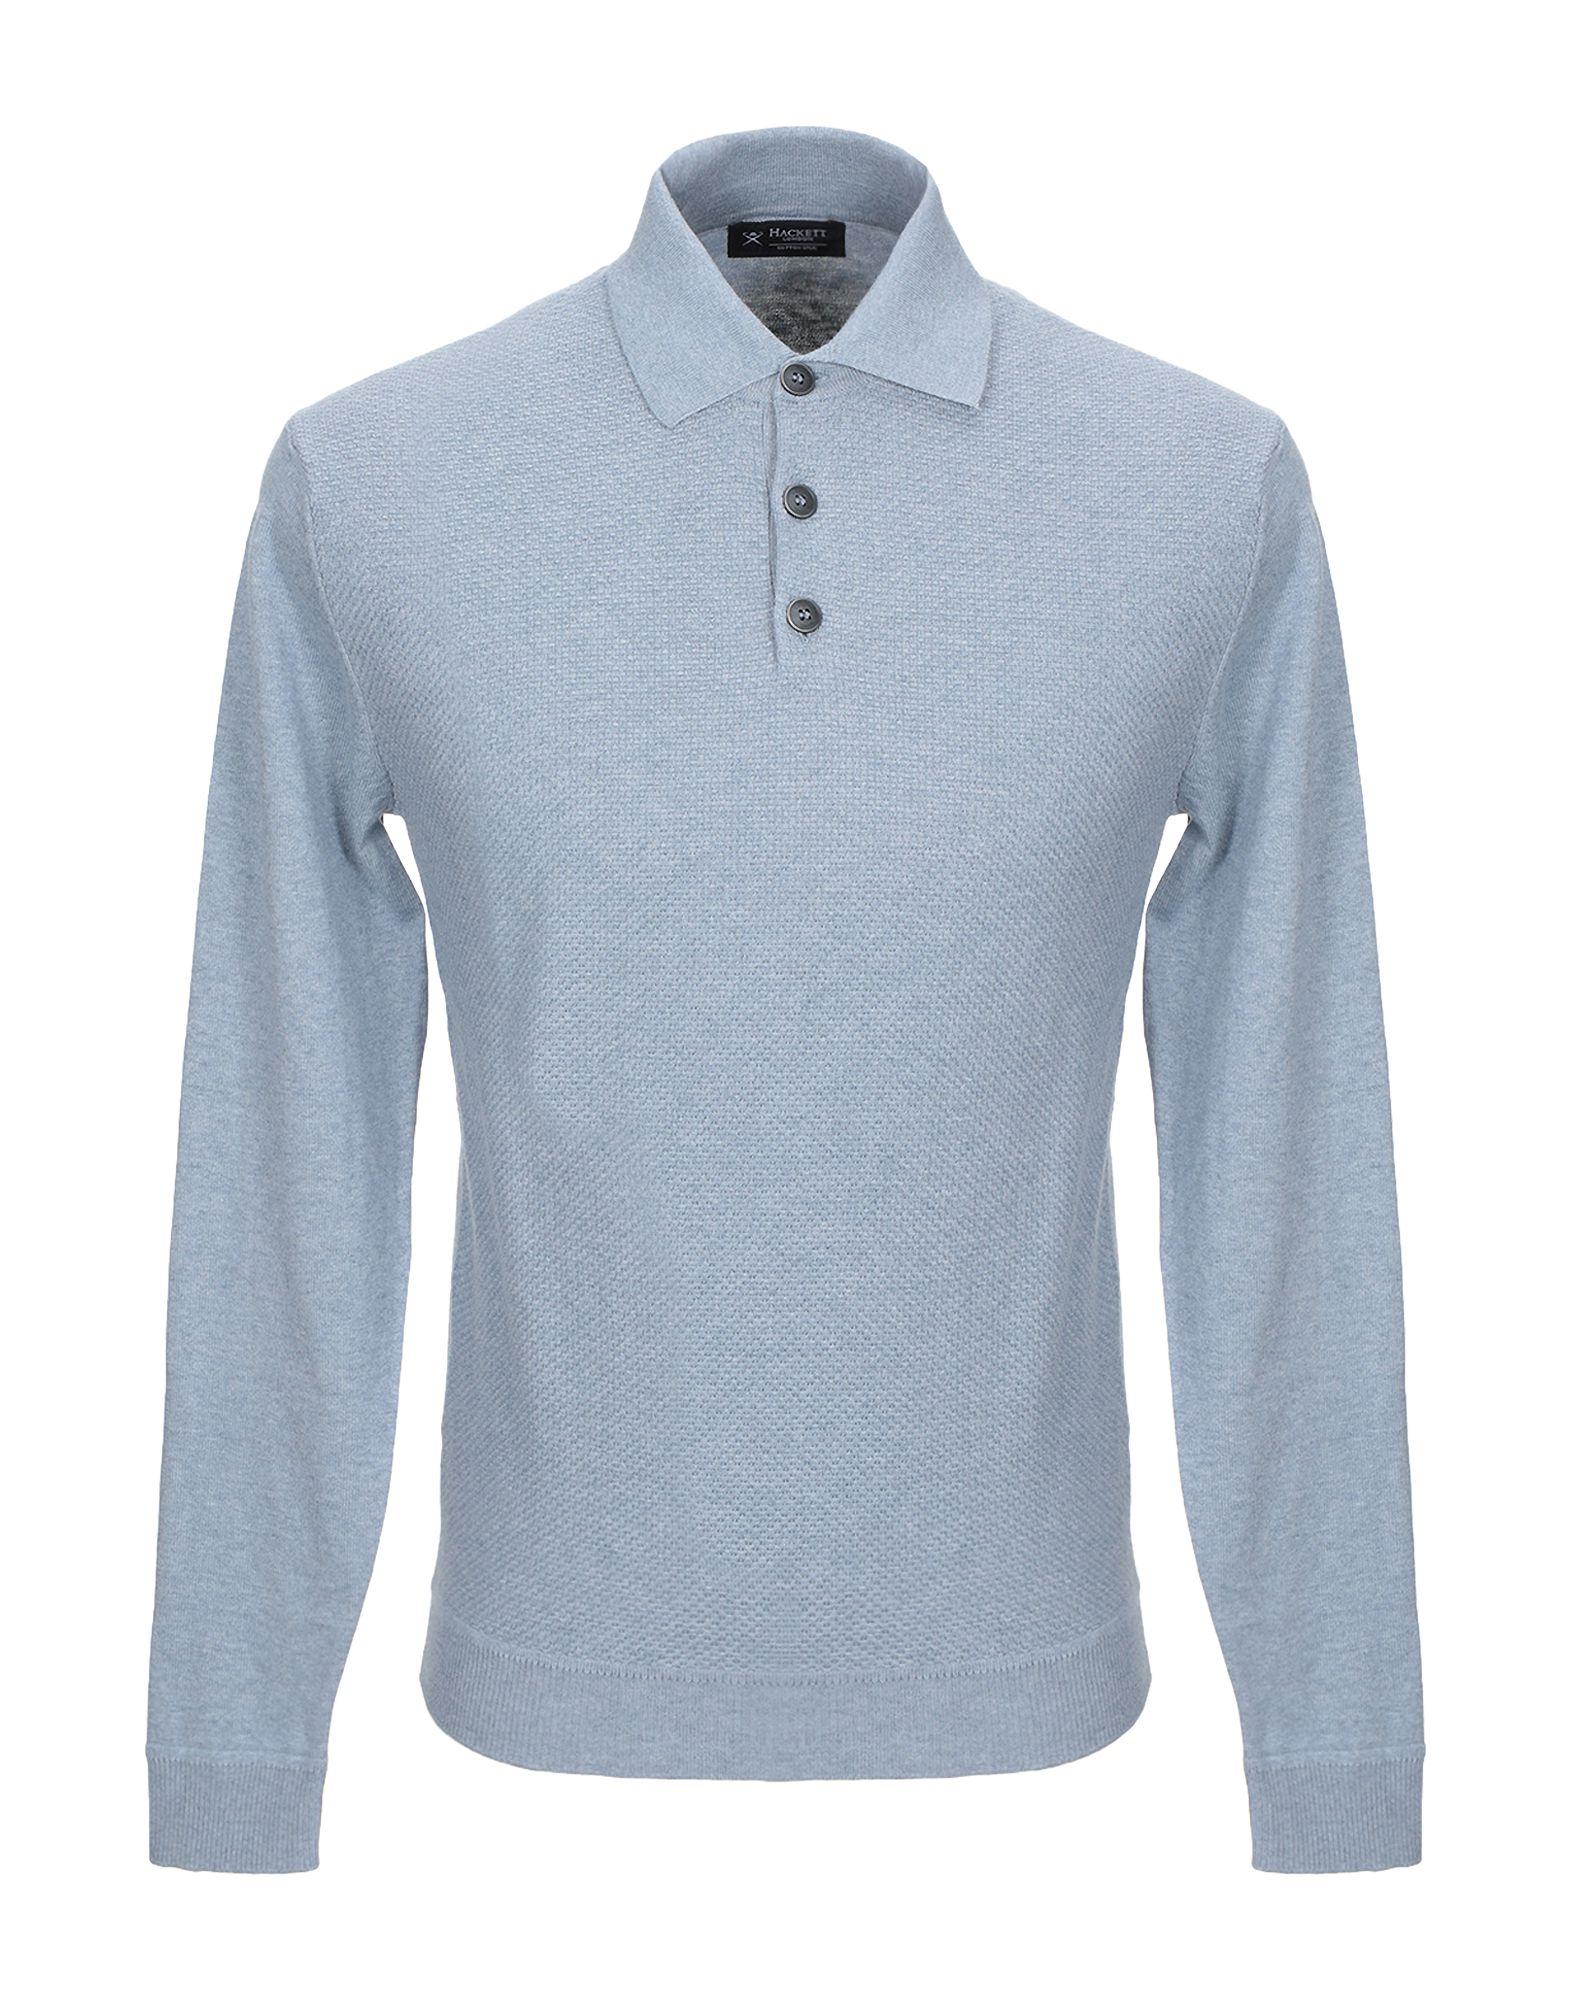 27dc505e47b8 Hackett Άνδρας - αγόρασε ρούχα